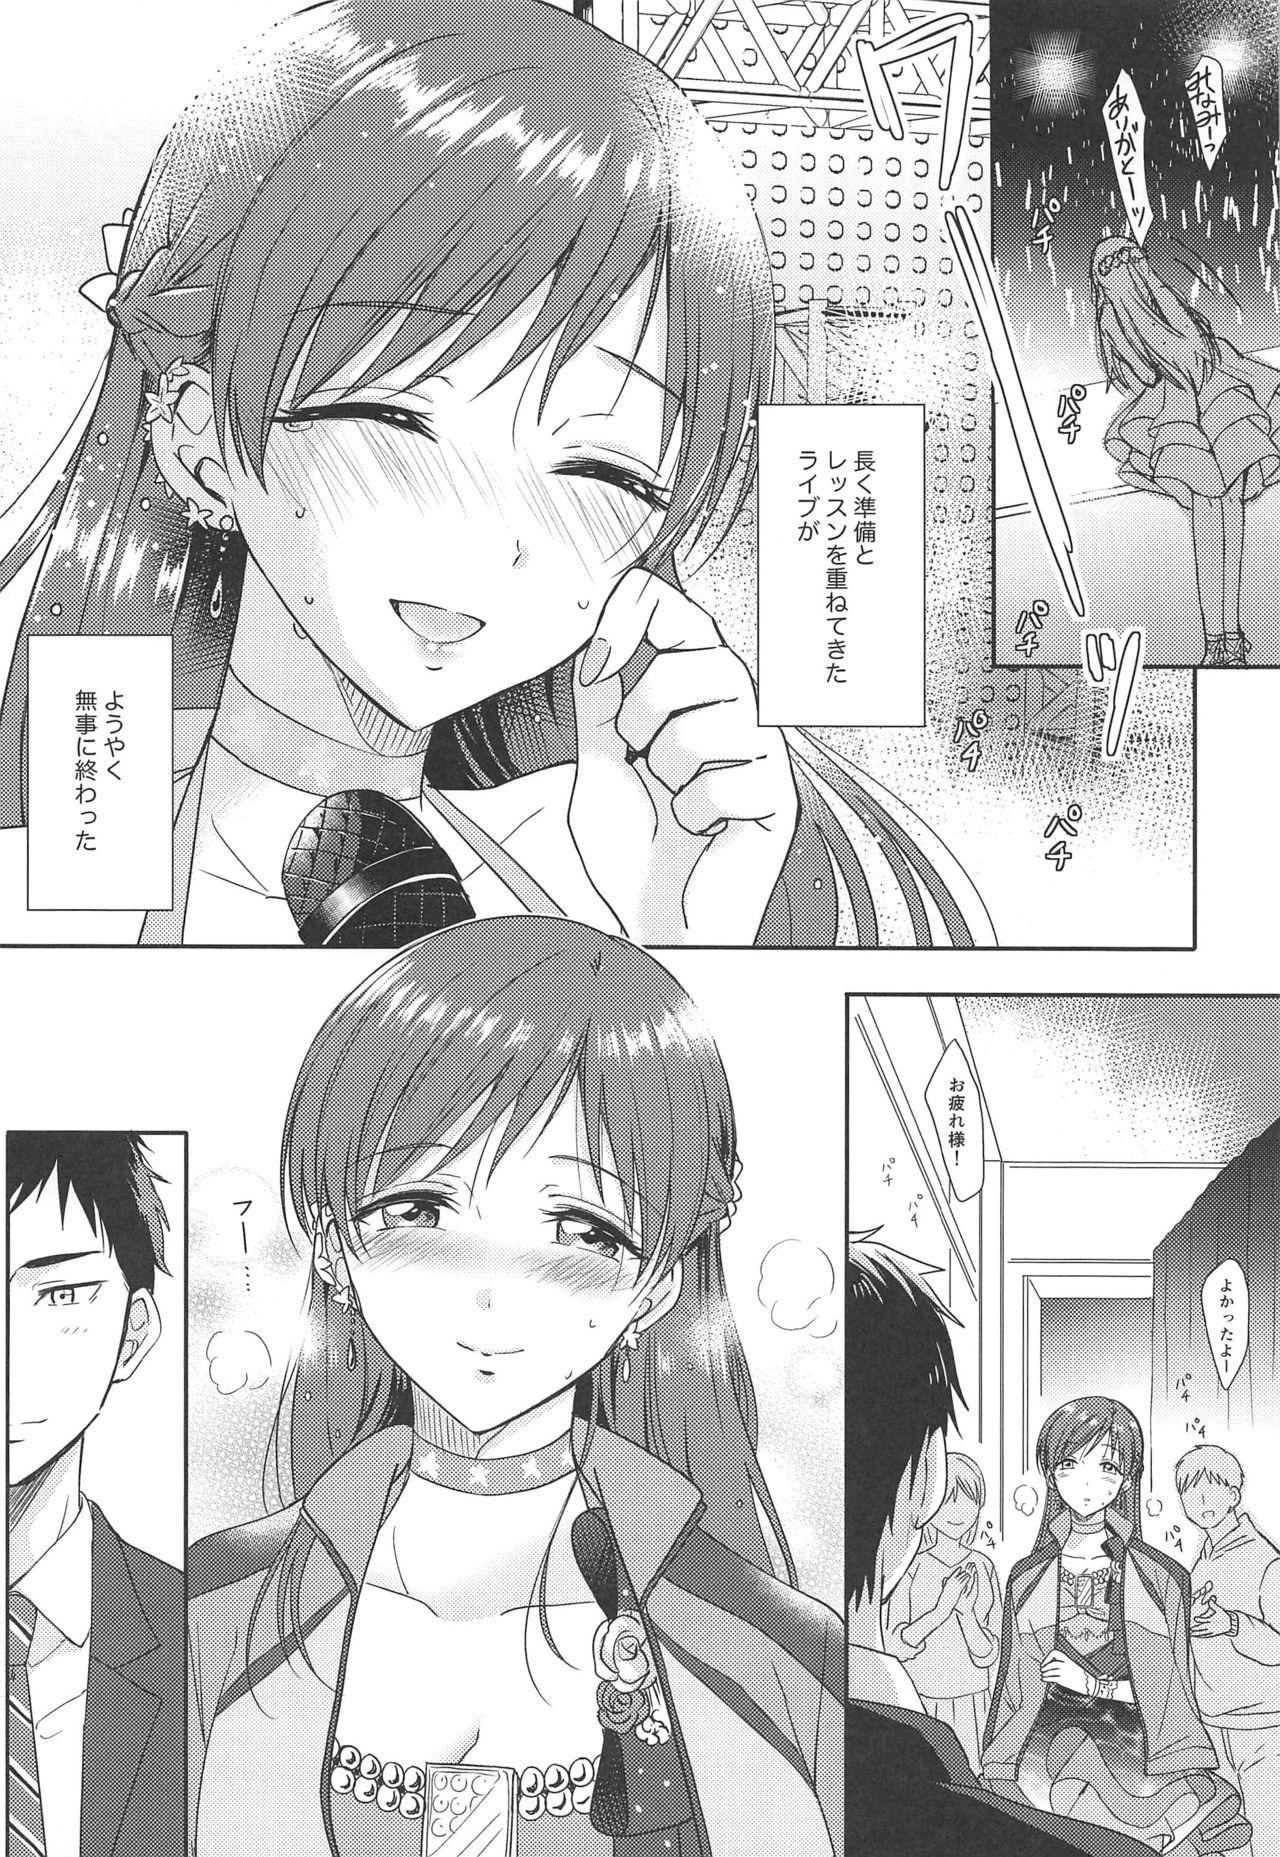 Minami no Hajimete 2